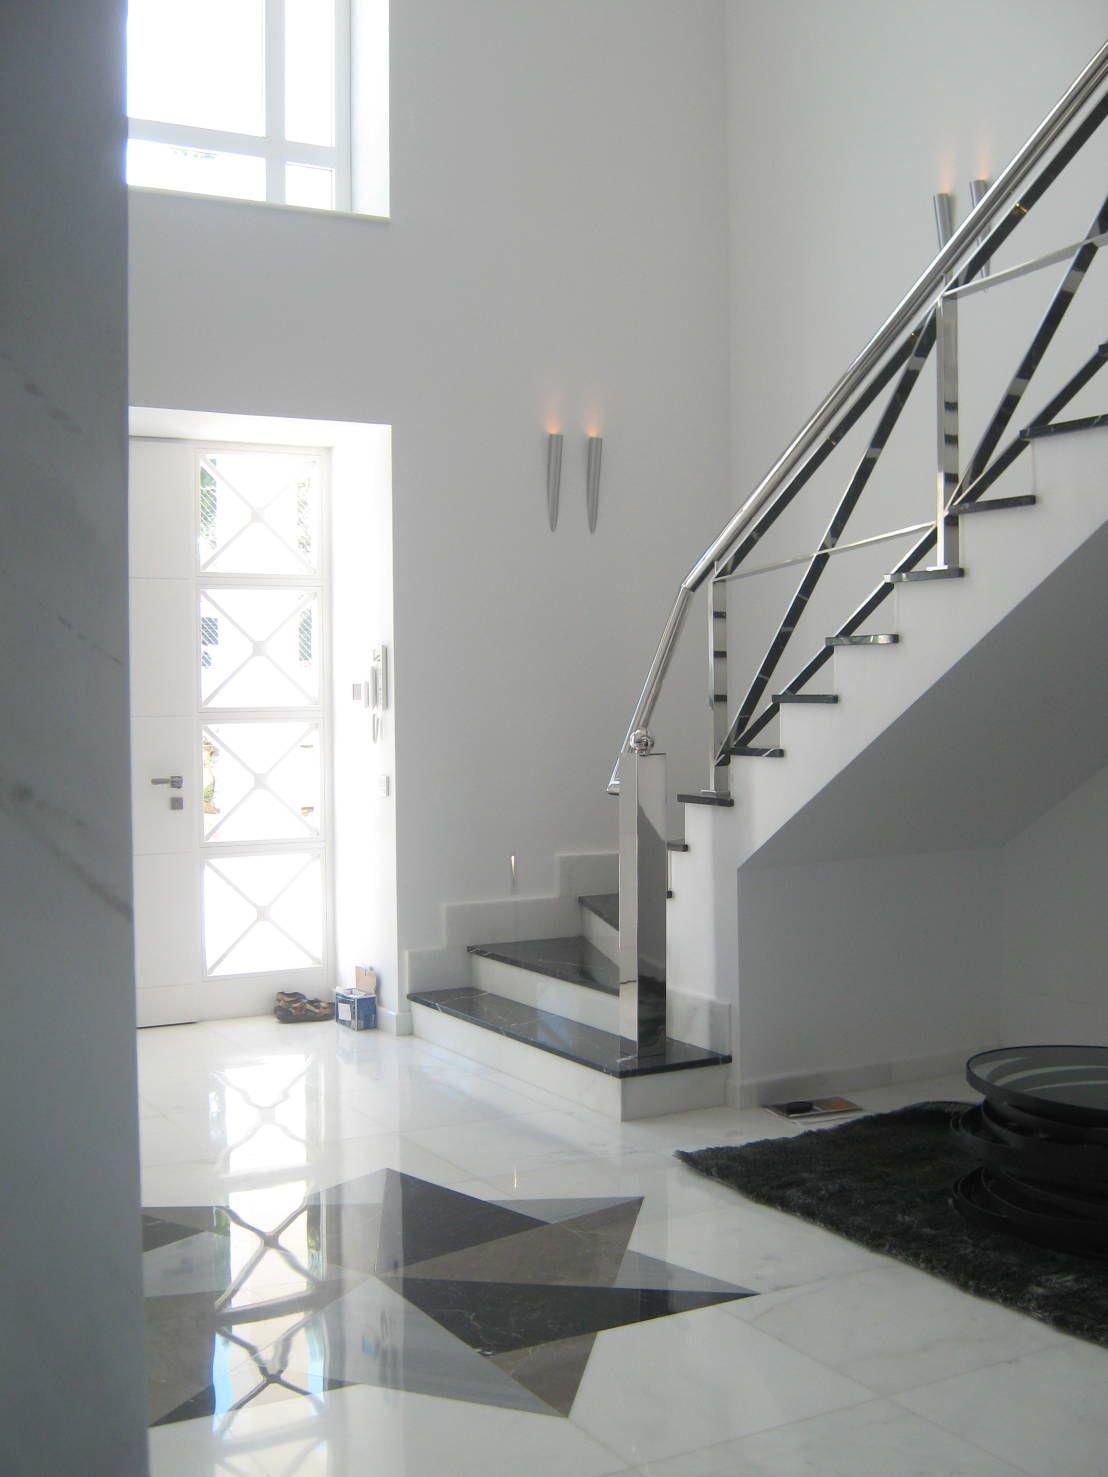 Welche Treppe passt am besten in mein Zuhause? | Pinterest